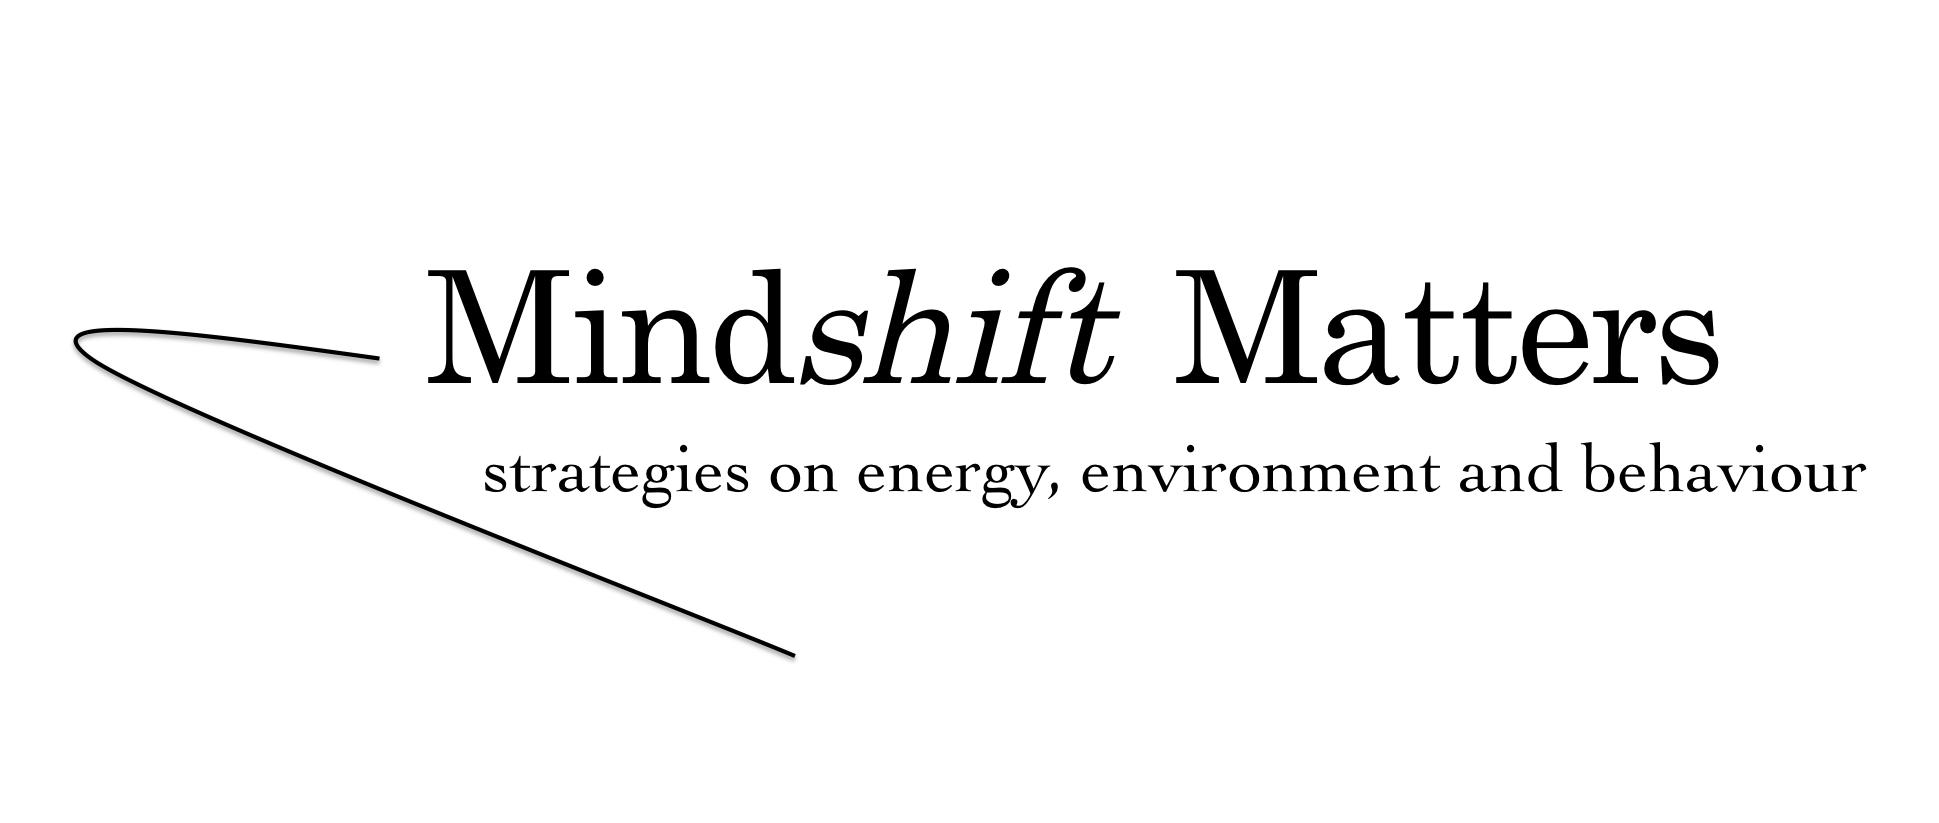 Mindshift Matters